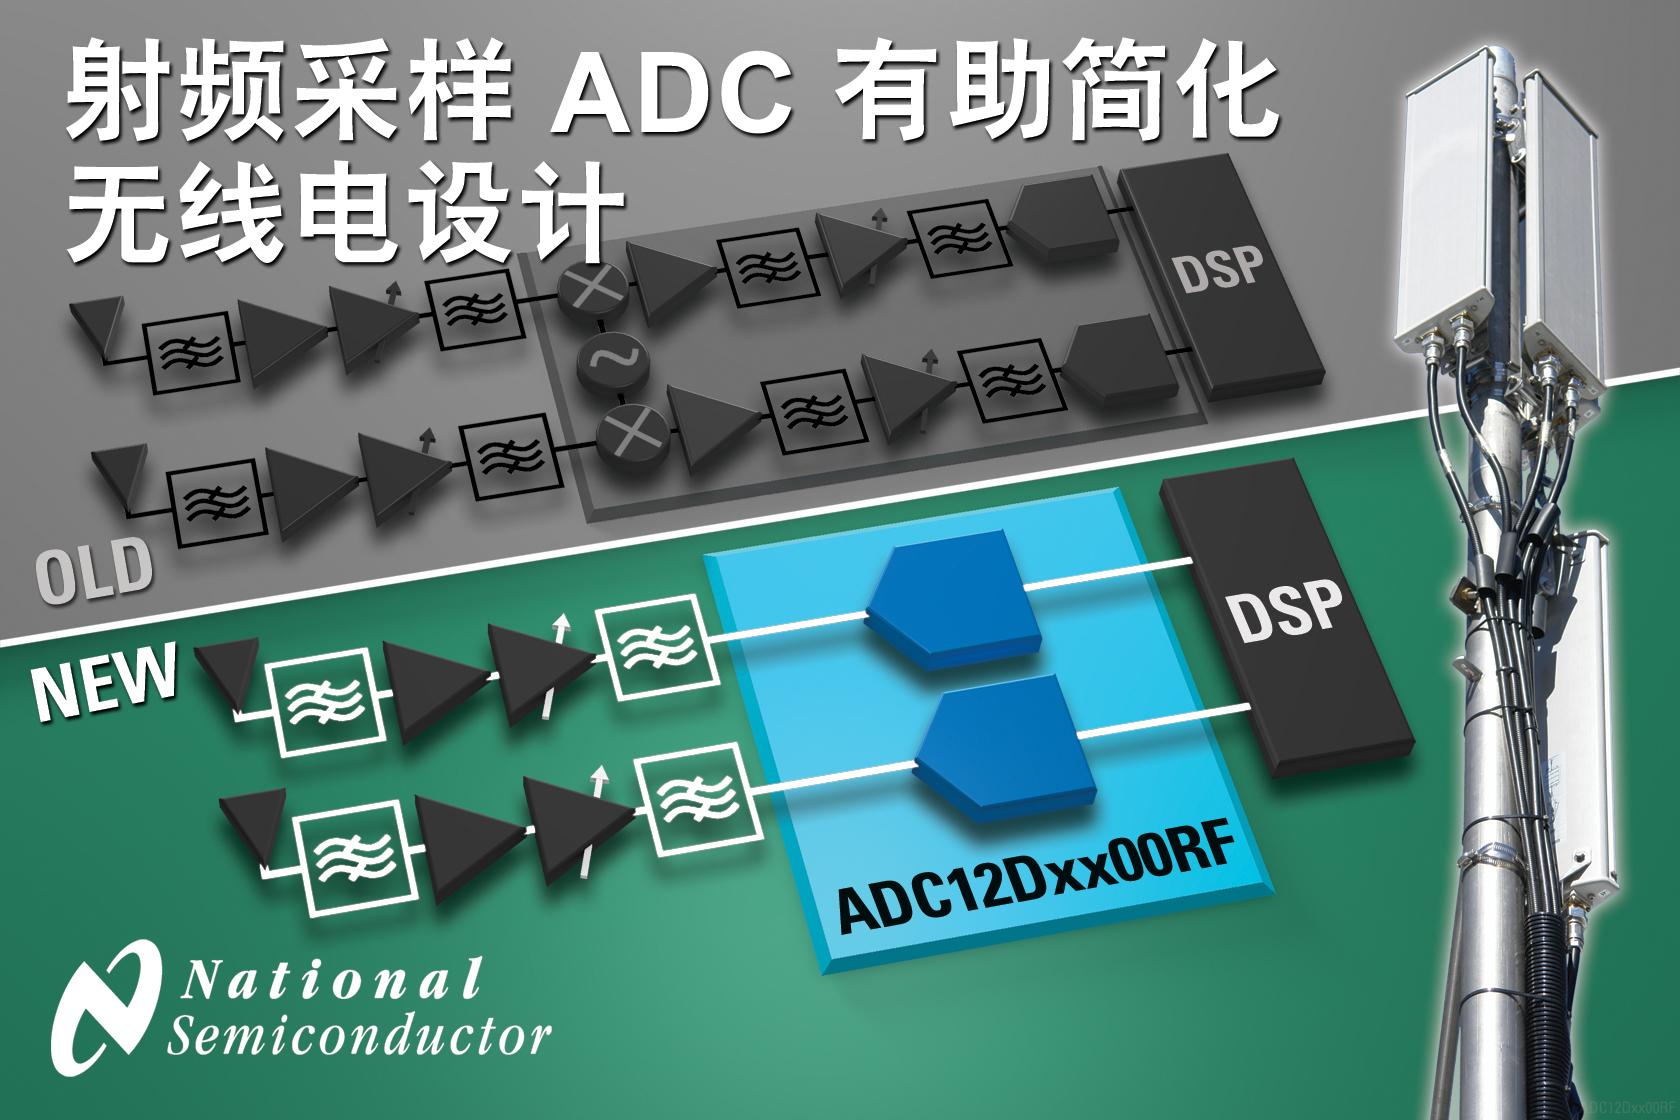 美国国家半导体公司突破性直接射频采样ADC彻底改变无线电架构